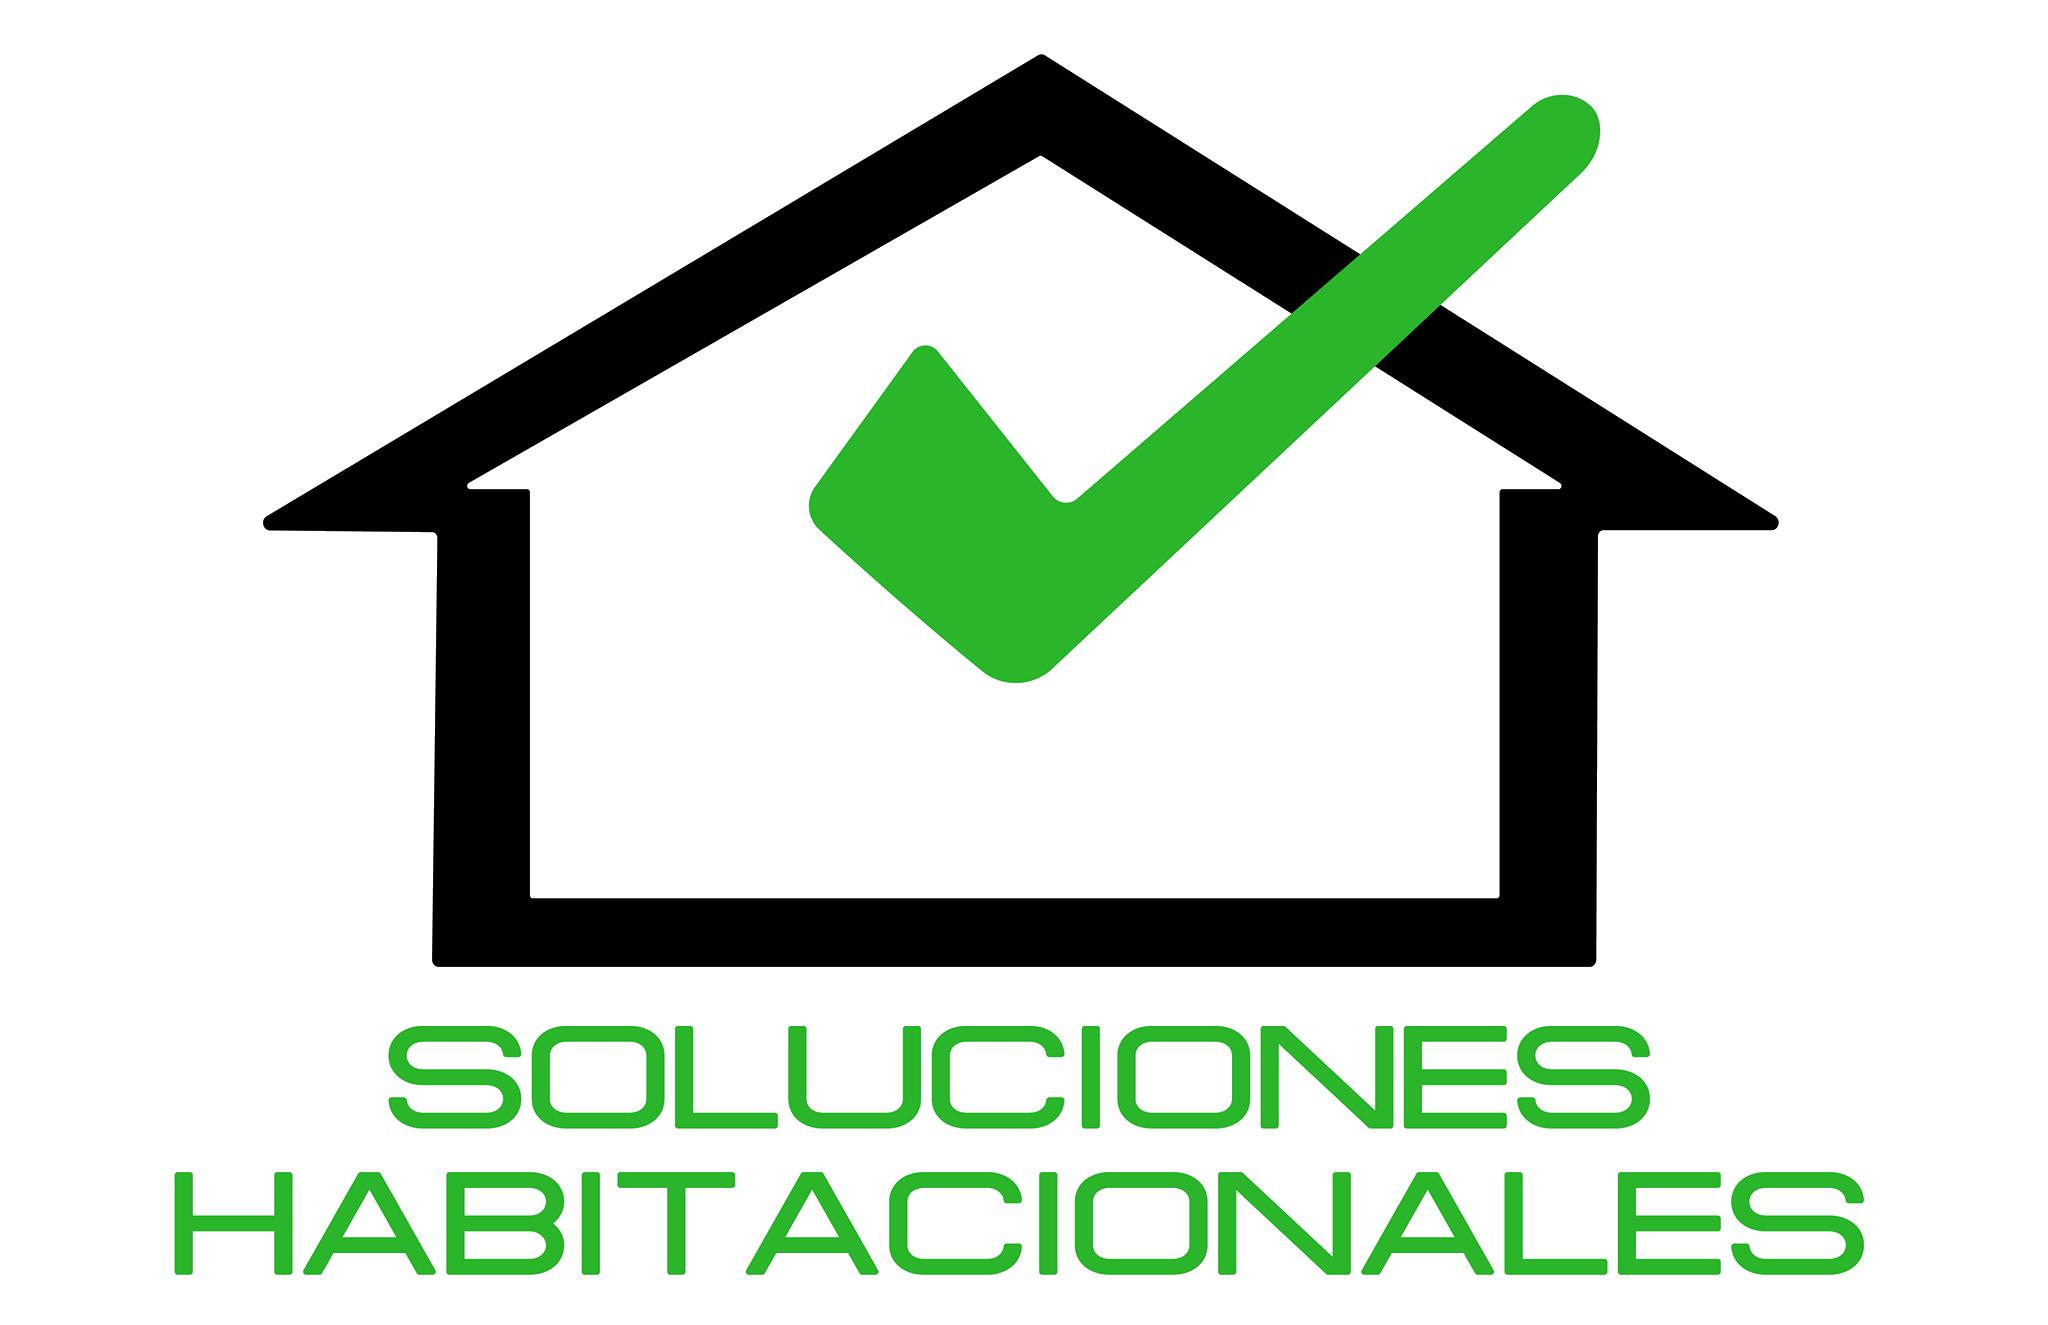 Soluciones Habitacionales